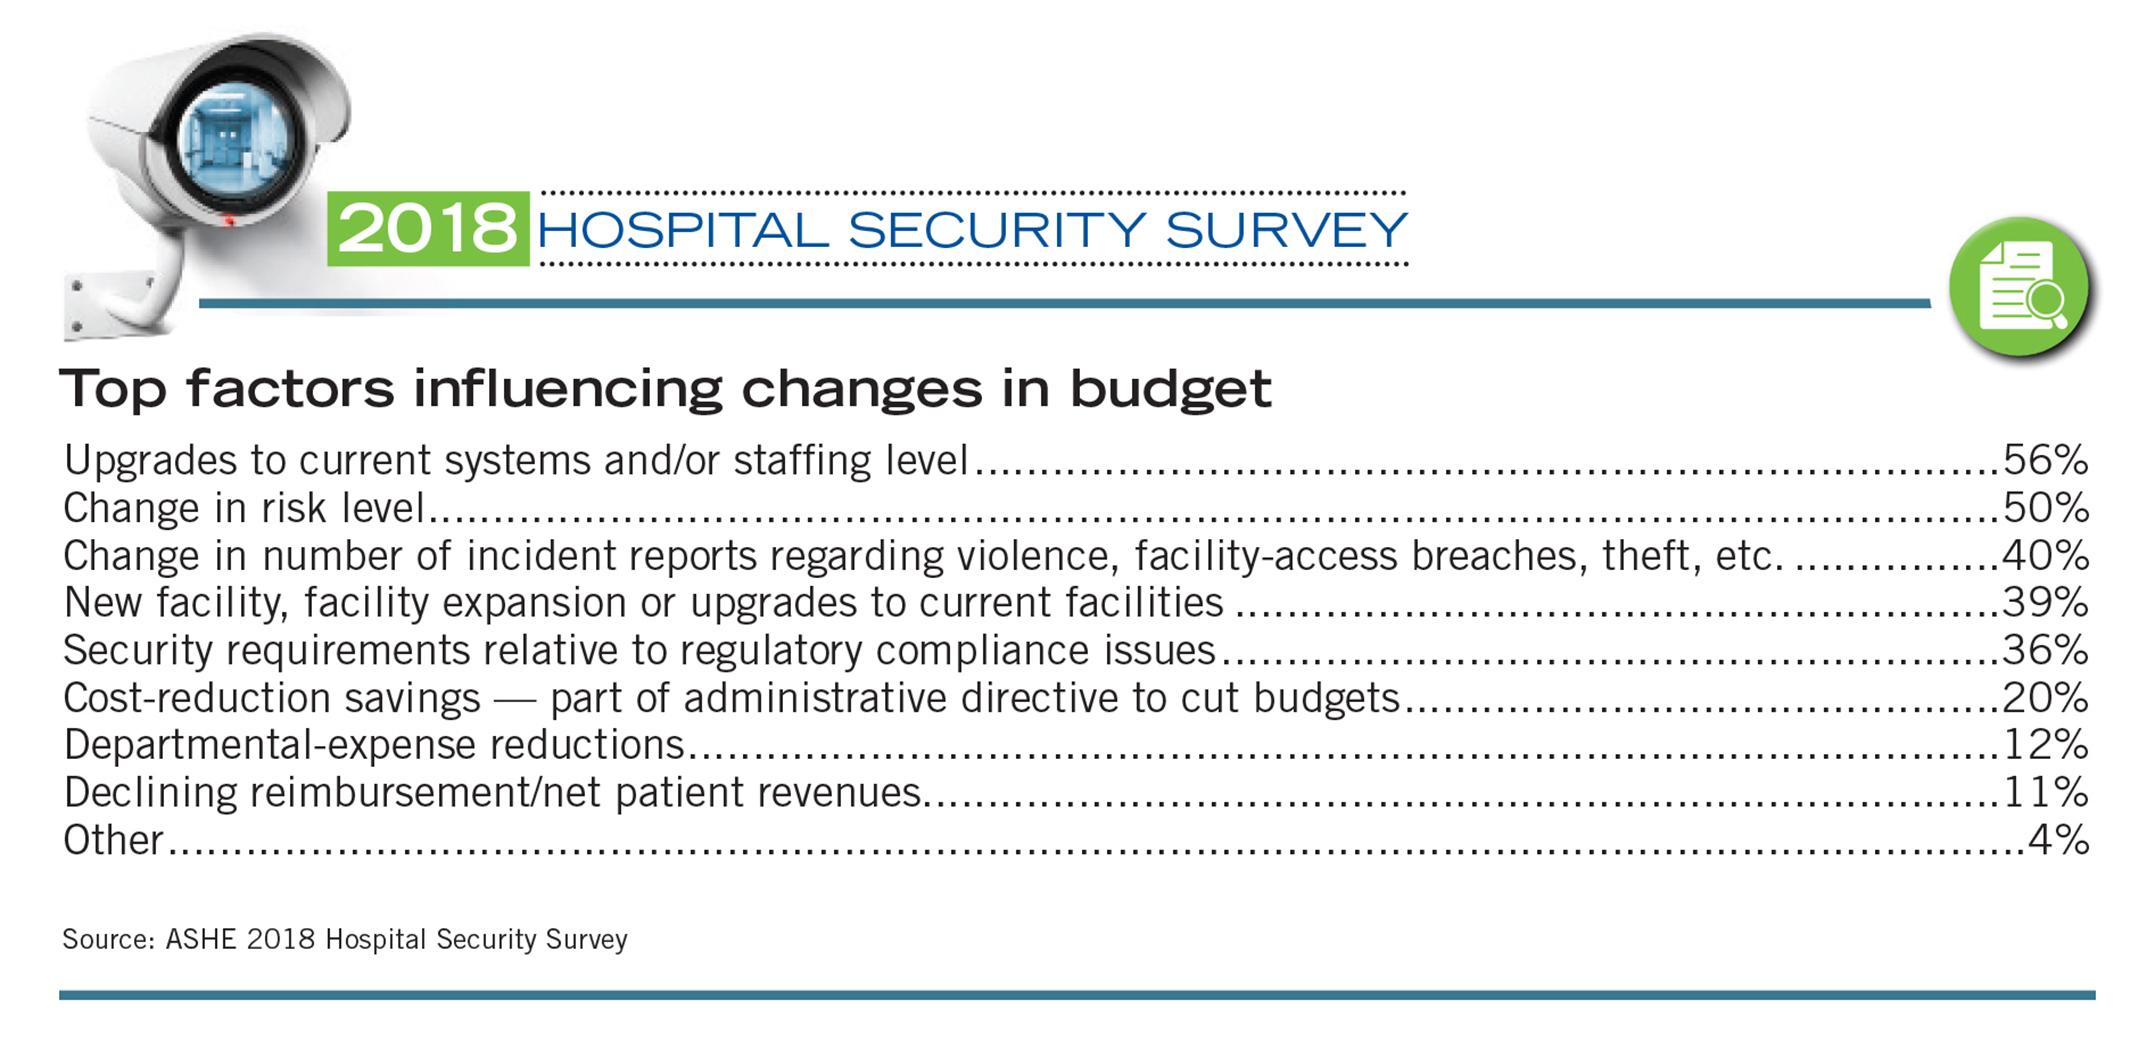 Madison : Change healthcare revenue 2018